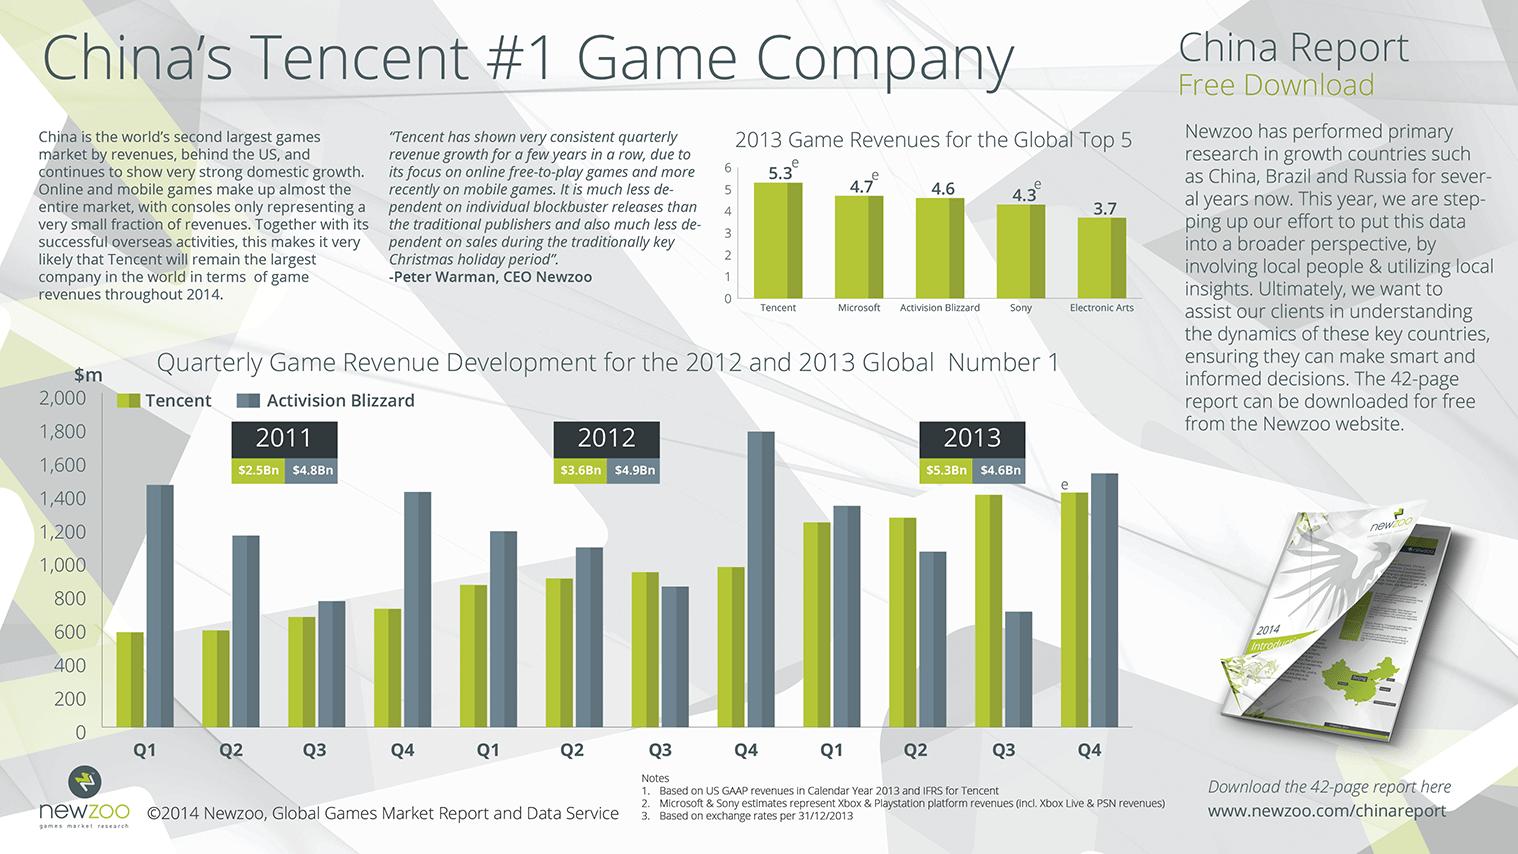 614xTencent_vs_Blizzard_Revenues=